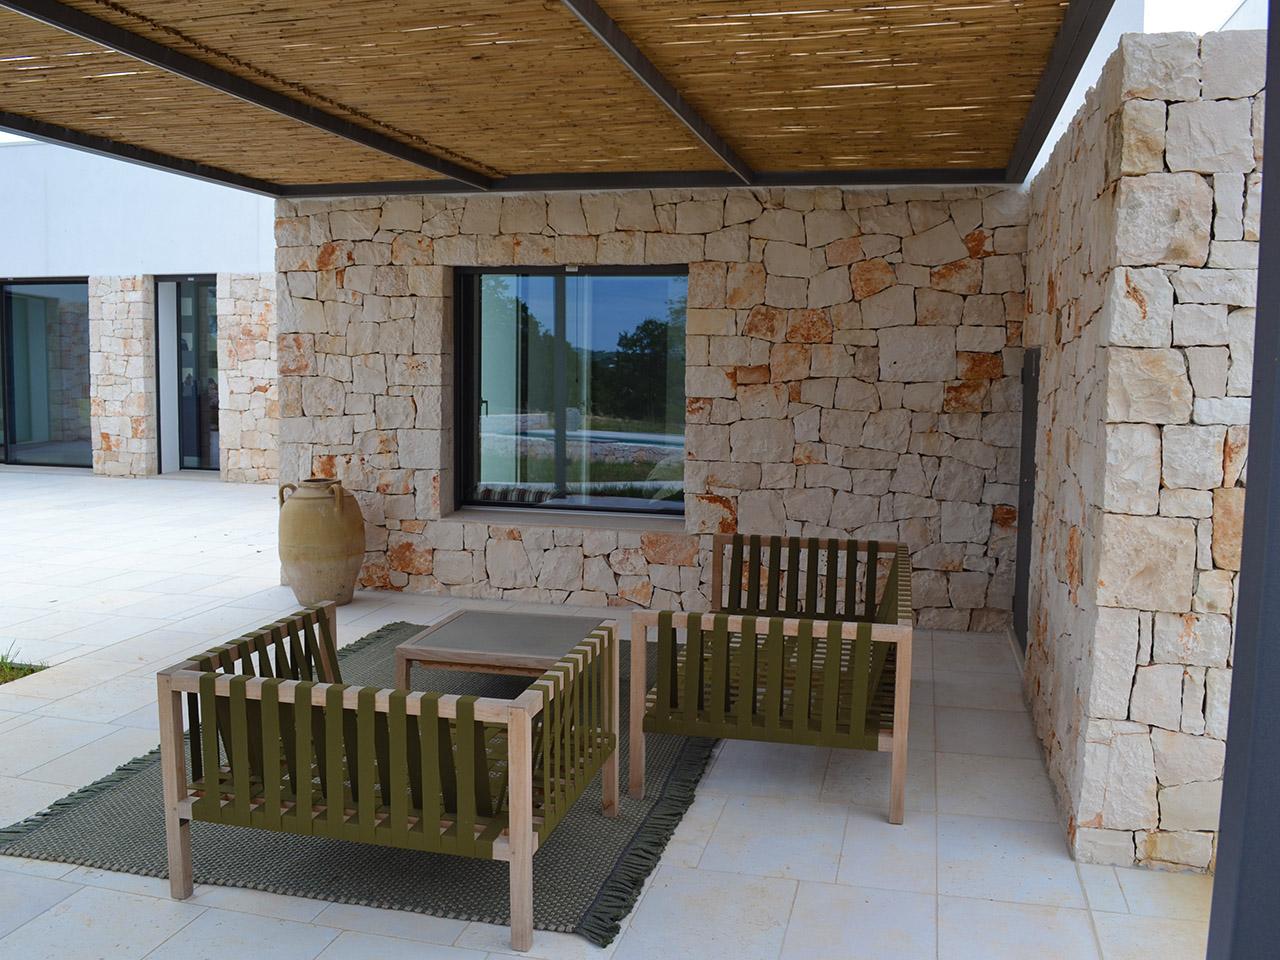 costruzioni restauri sirio ostuni nuova residenza privata chiobbica ostuni dsc 0477